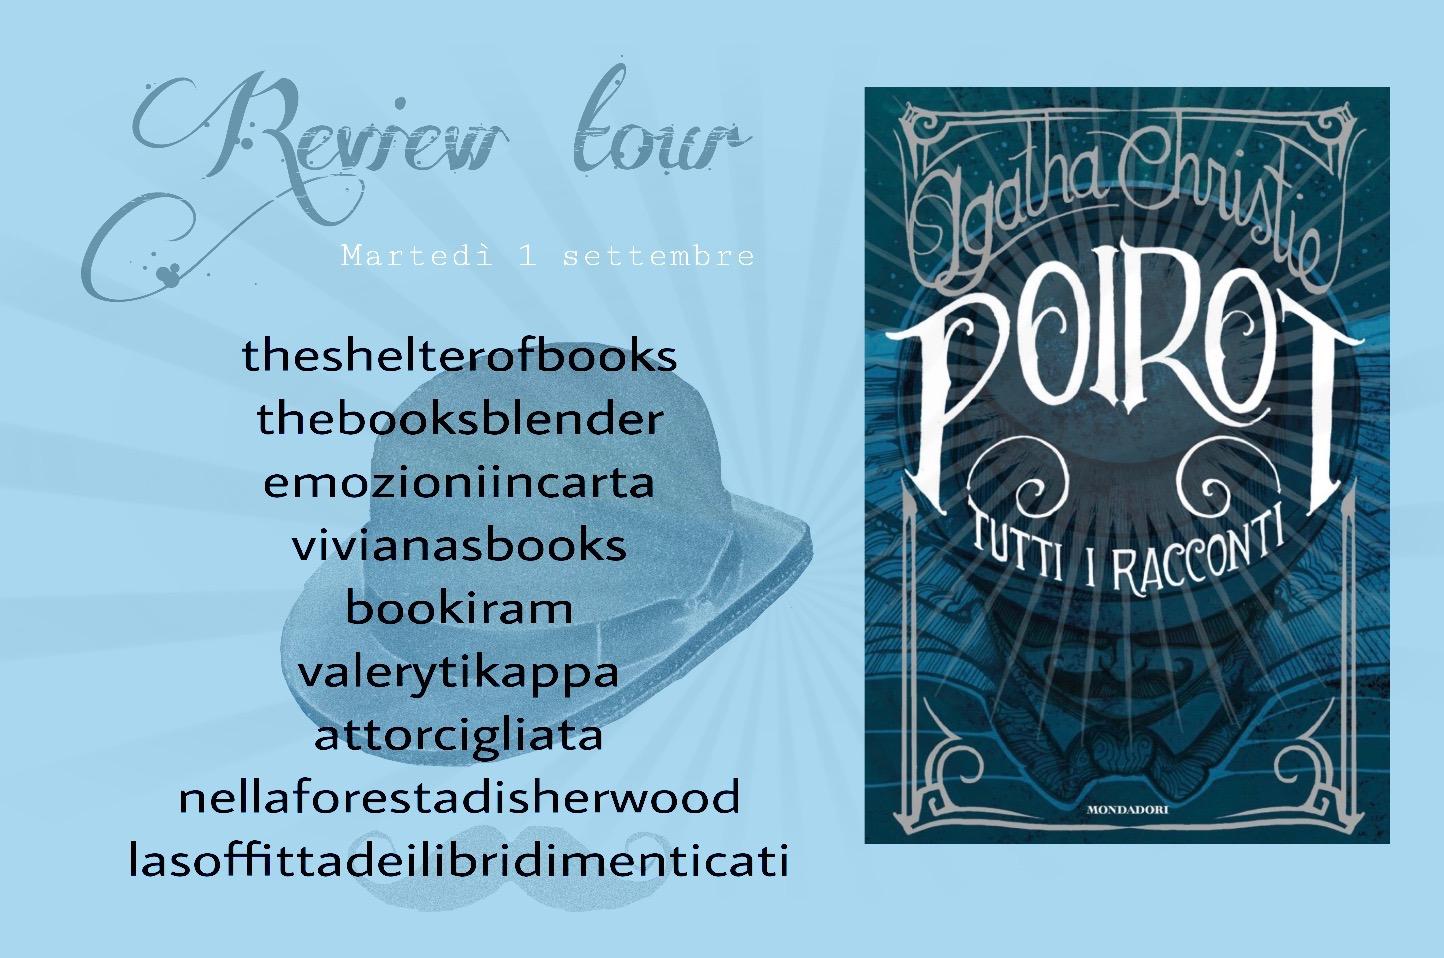 Review Tour: Poirot. Tutti i racconti